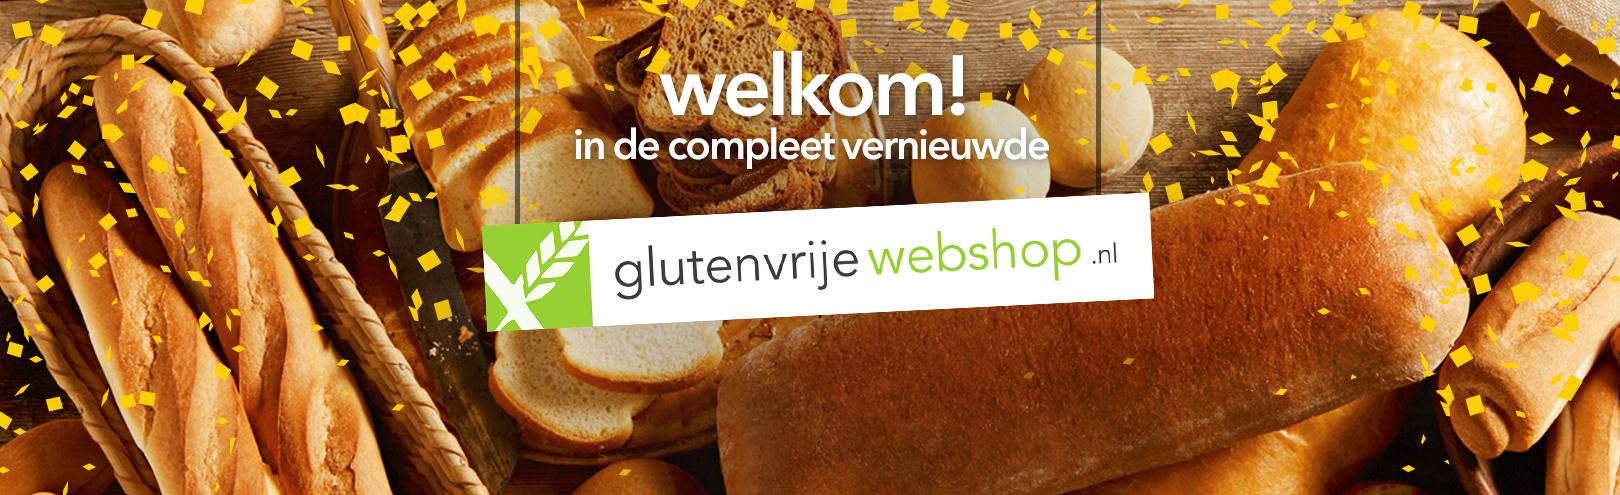 Welkom in de compleet vernieuwde Glutenvrije Webshop